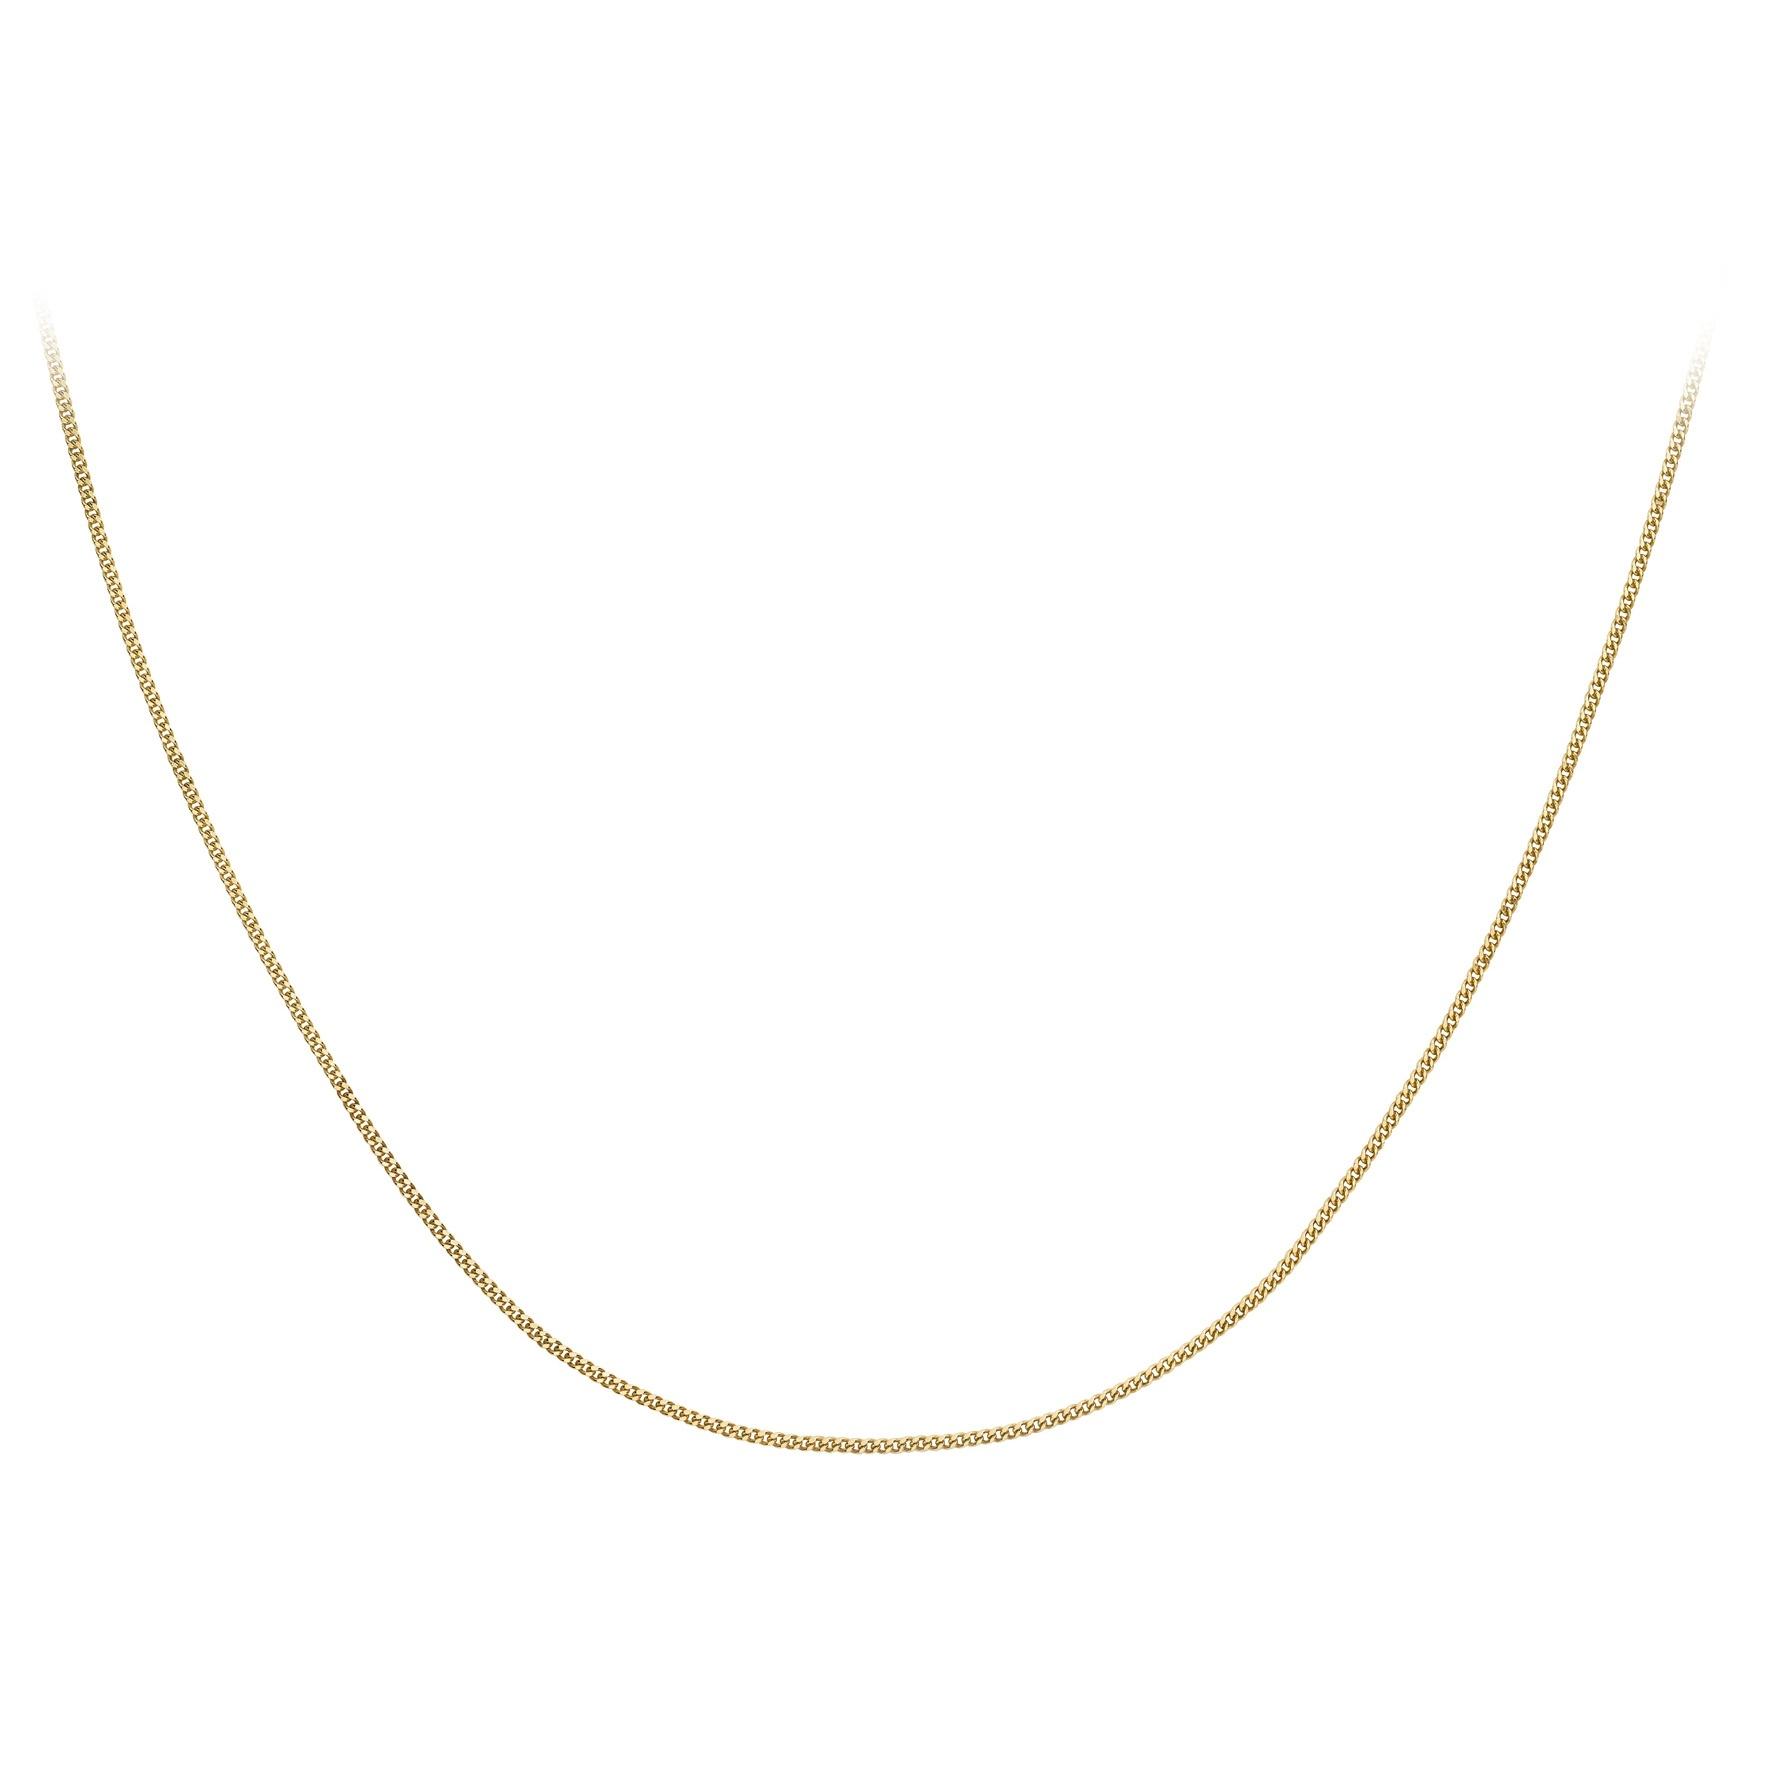 Halsband 9K Guld 41-46 cm